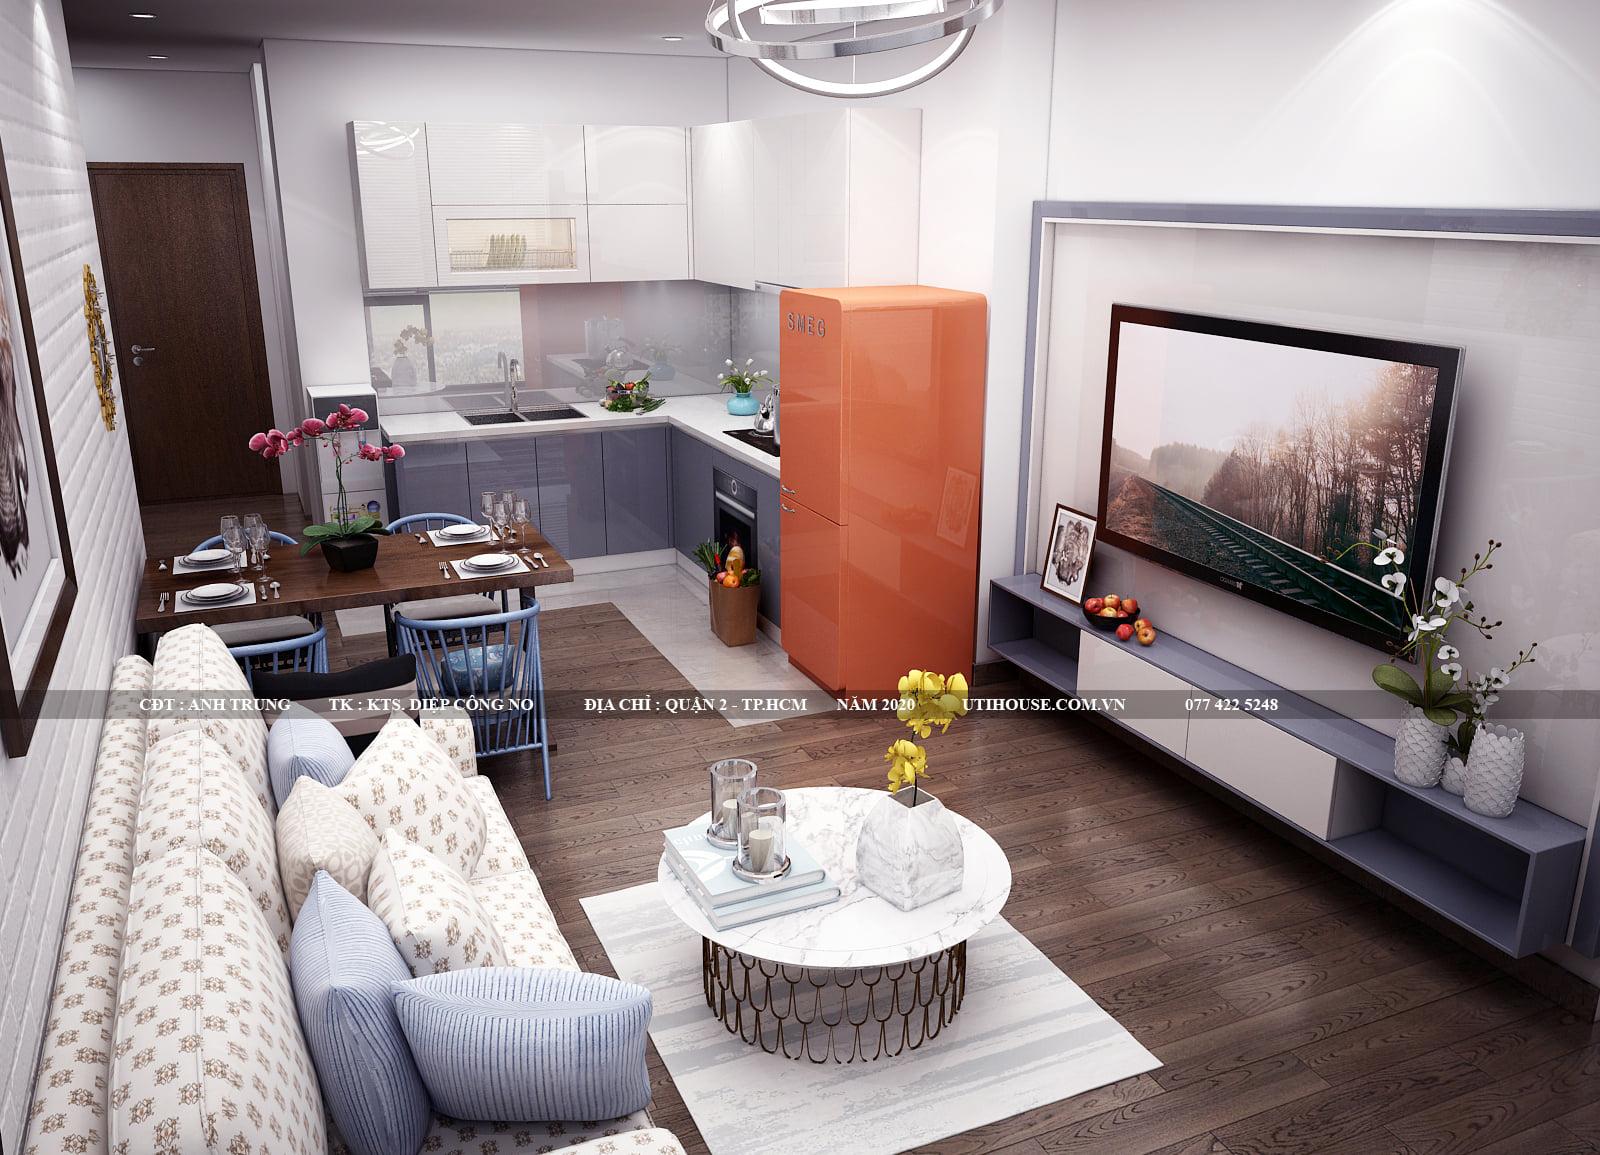 Mẫu thiết kế nội thất với đồ dùng bọc nhung